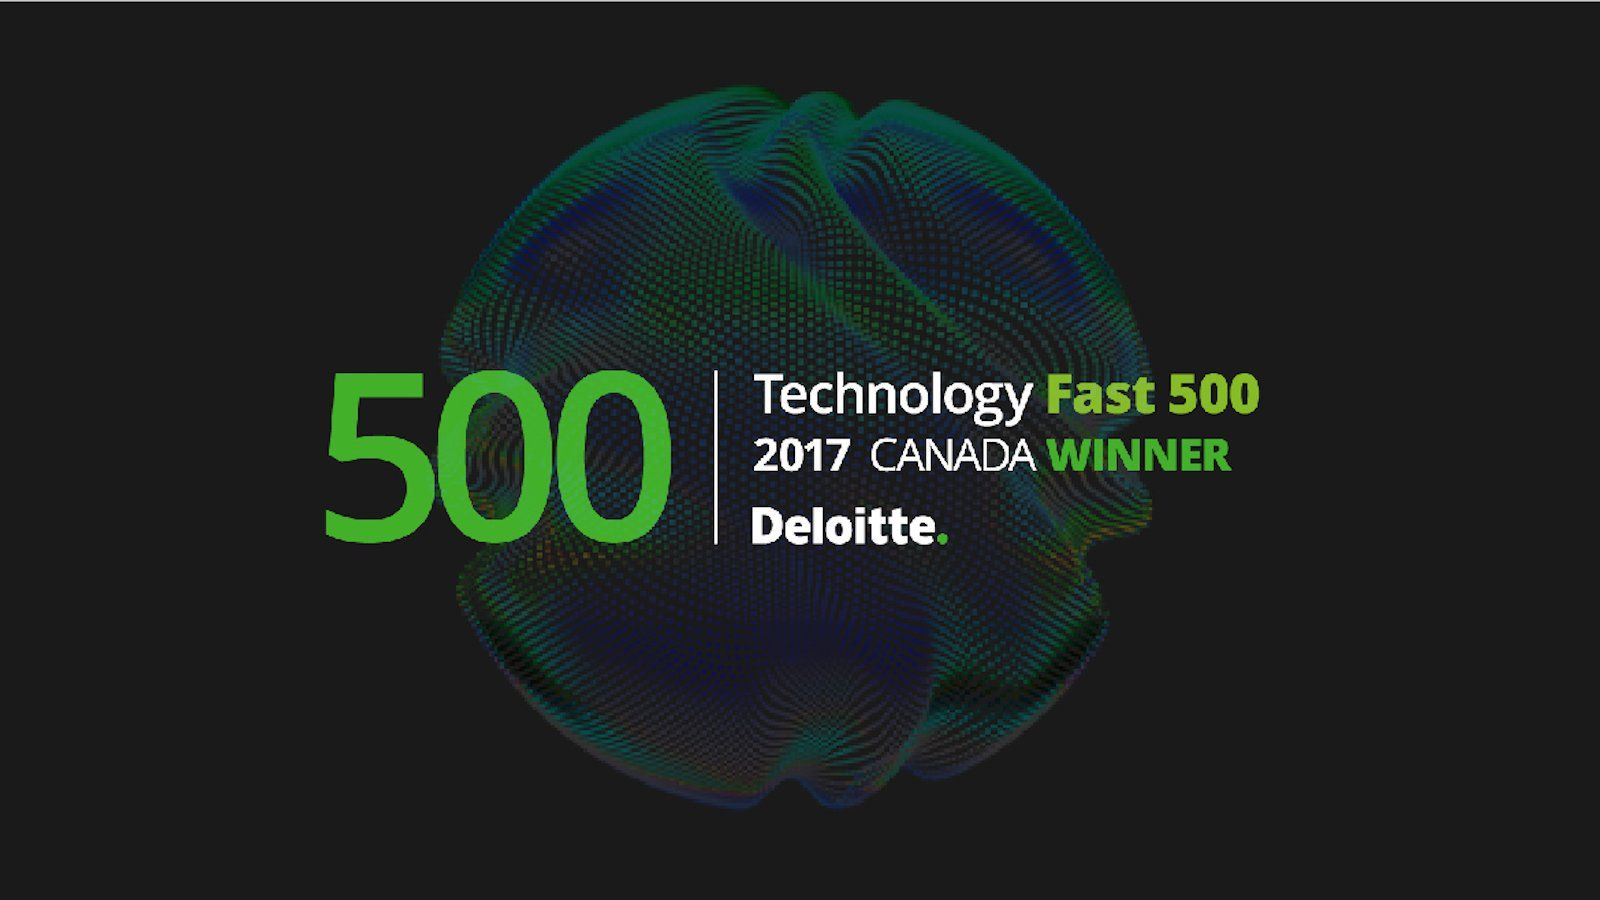 Deloitte Technology Fast 500 2017 Winner Logo